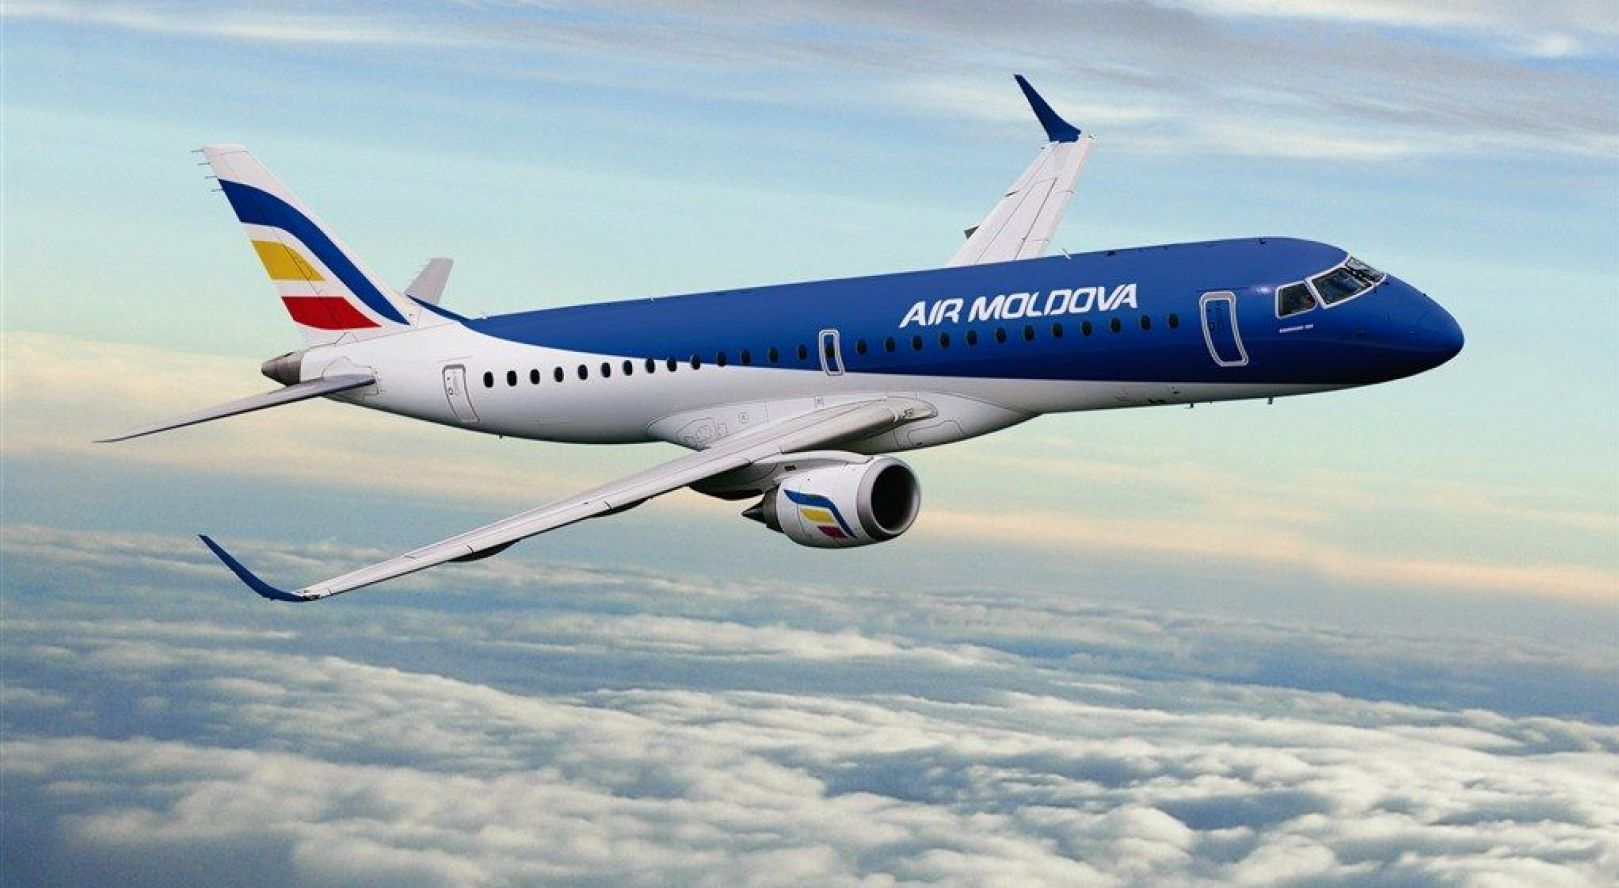 Новый авиарейс: теперь в Тель-Авив можно долететь из Кишинёва